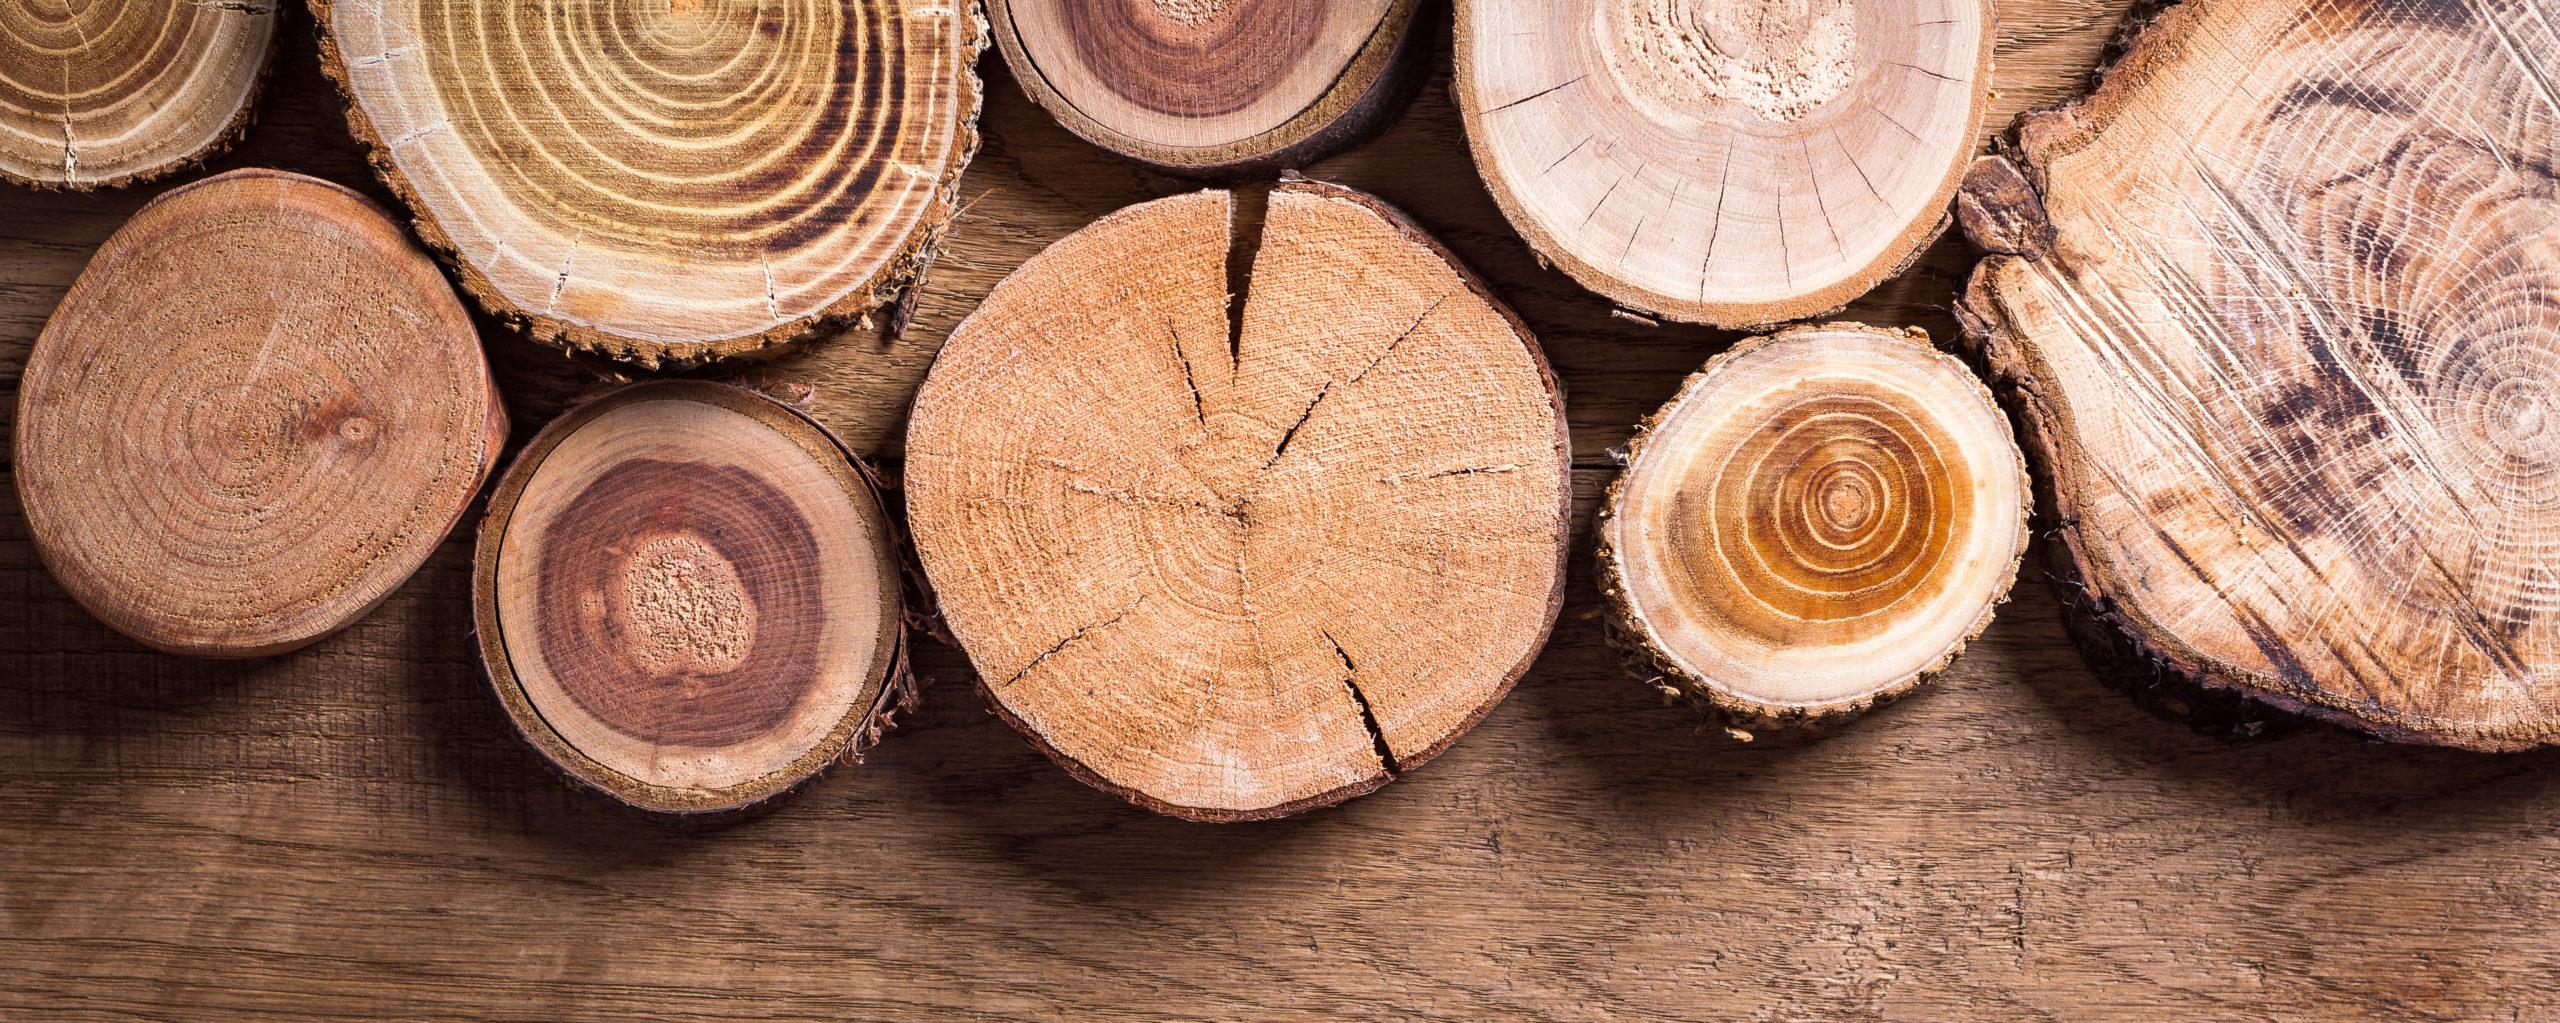 Ejemplo de diferentes tipos de madera.